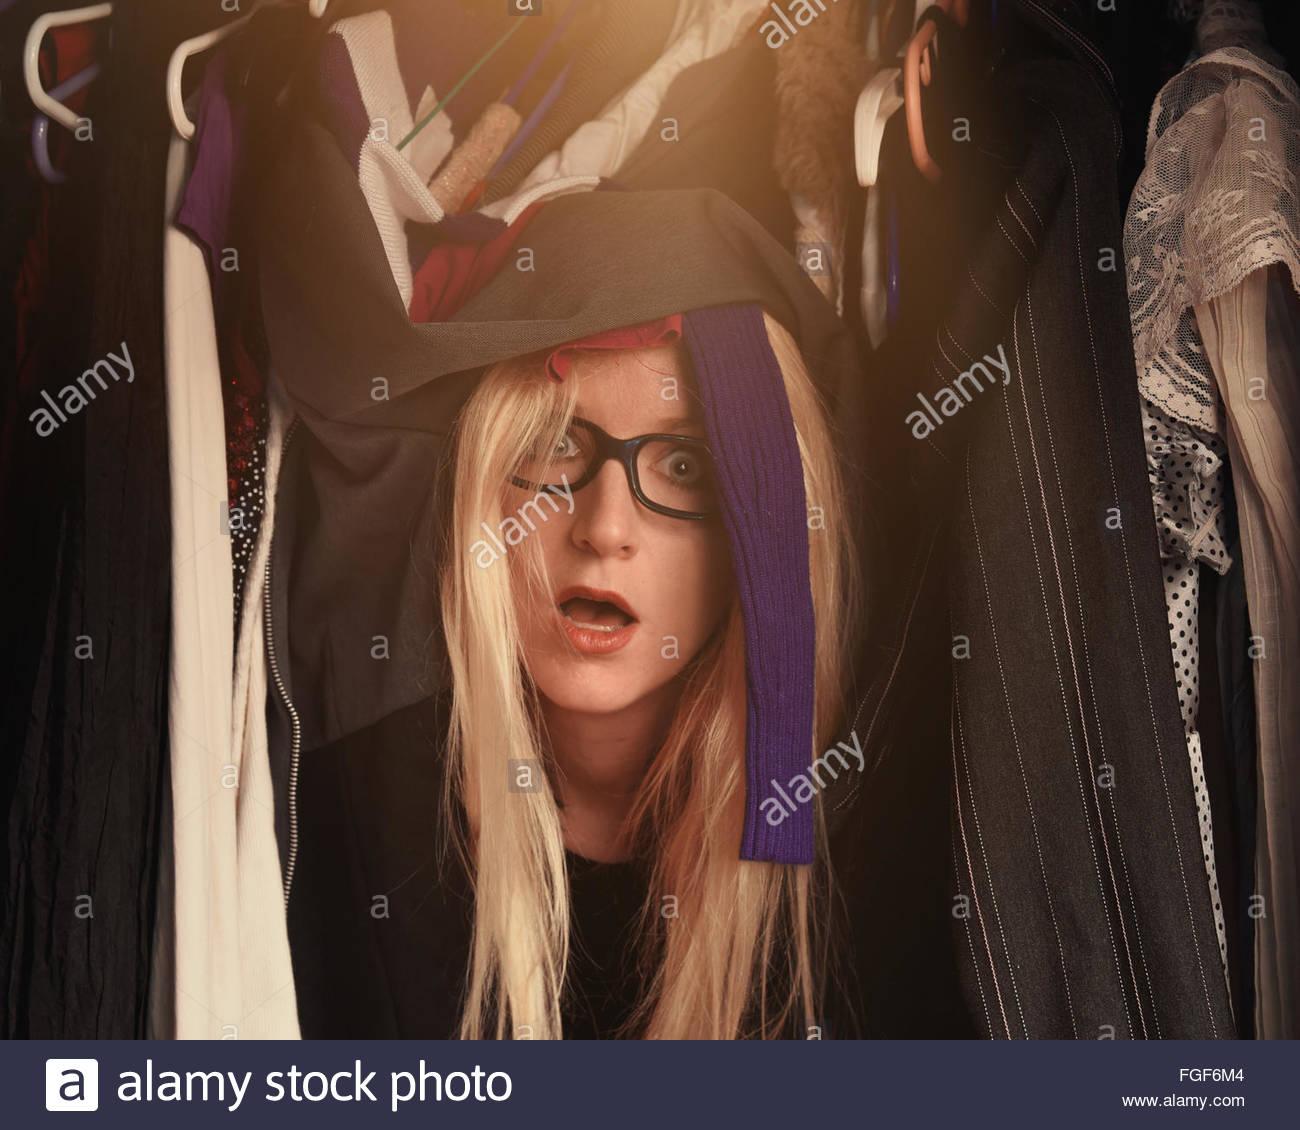 Eine Frau ist in einem Schrank unordentlich Kleidung mit Brille für einen Stil oder Mode Konzept überwältigt. Stockbild